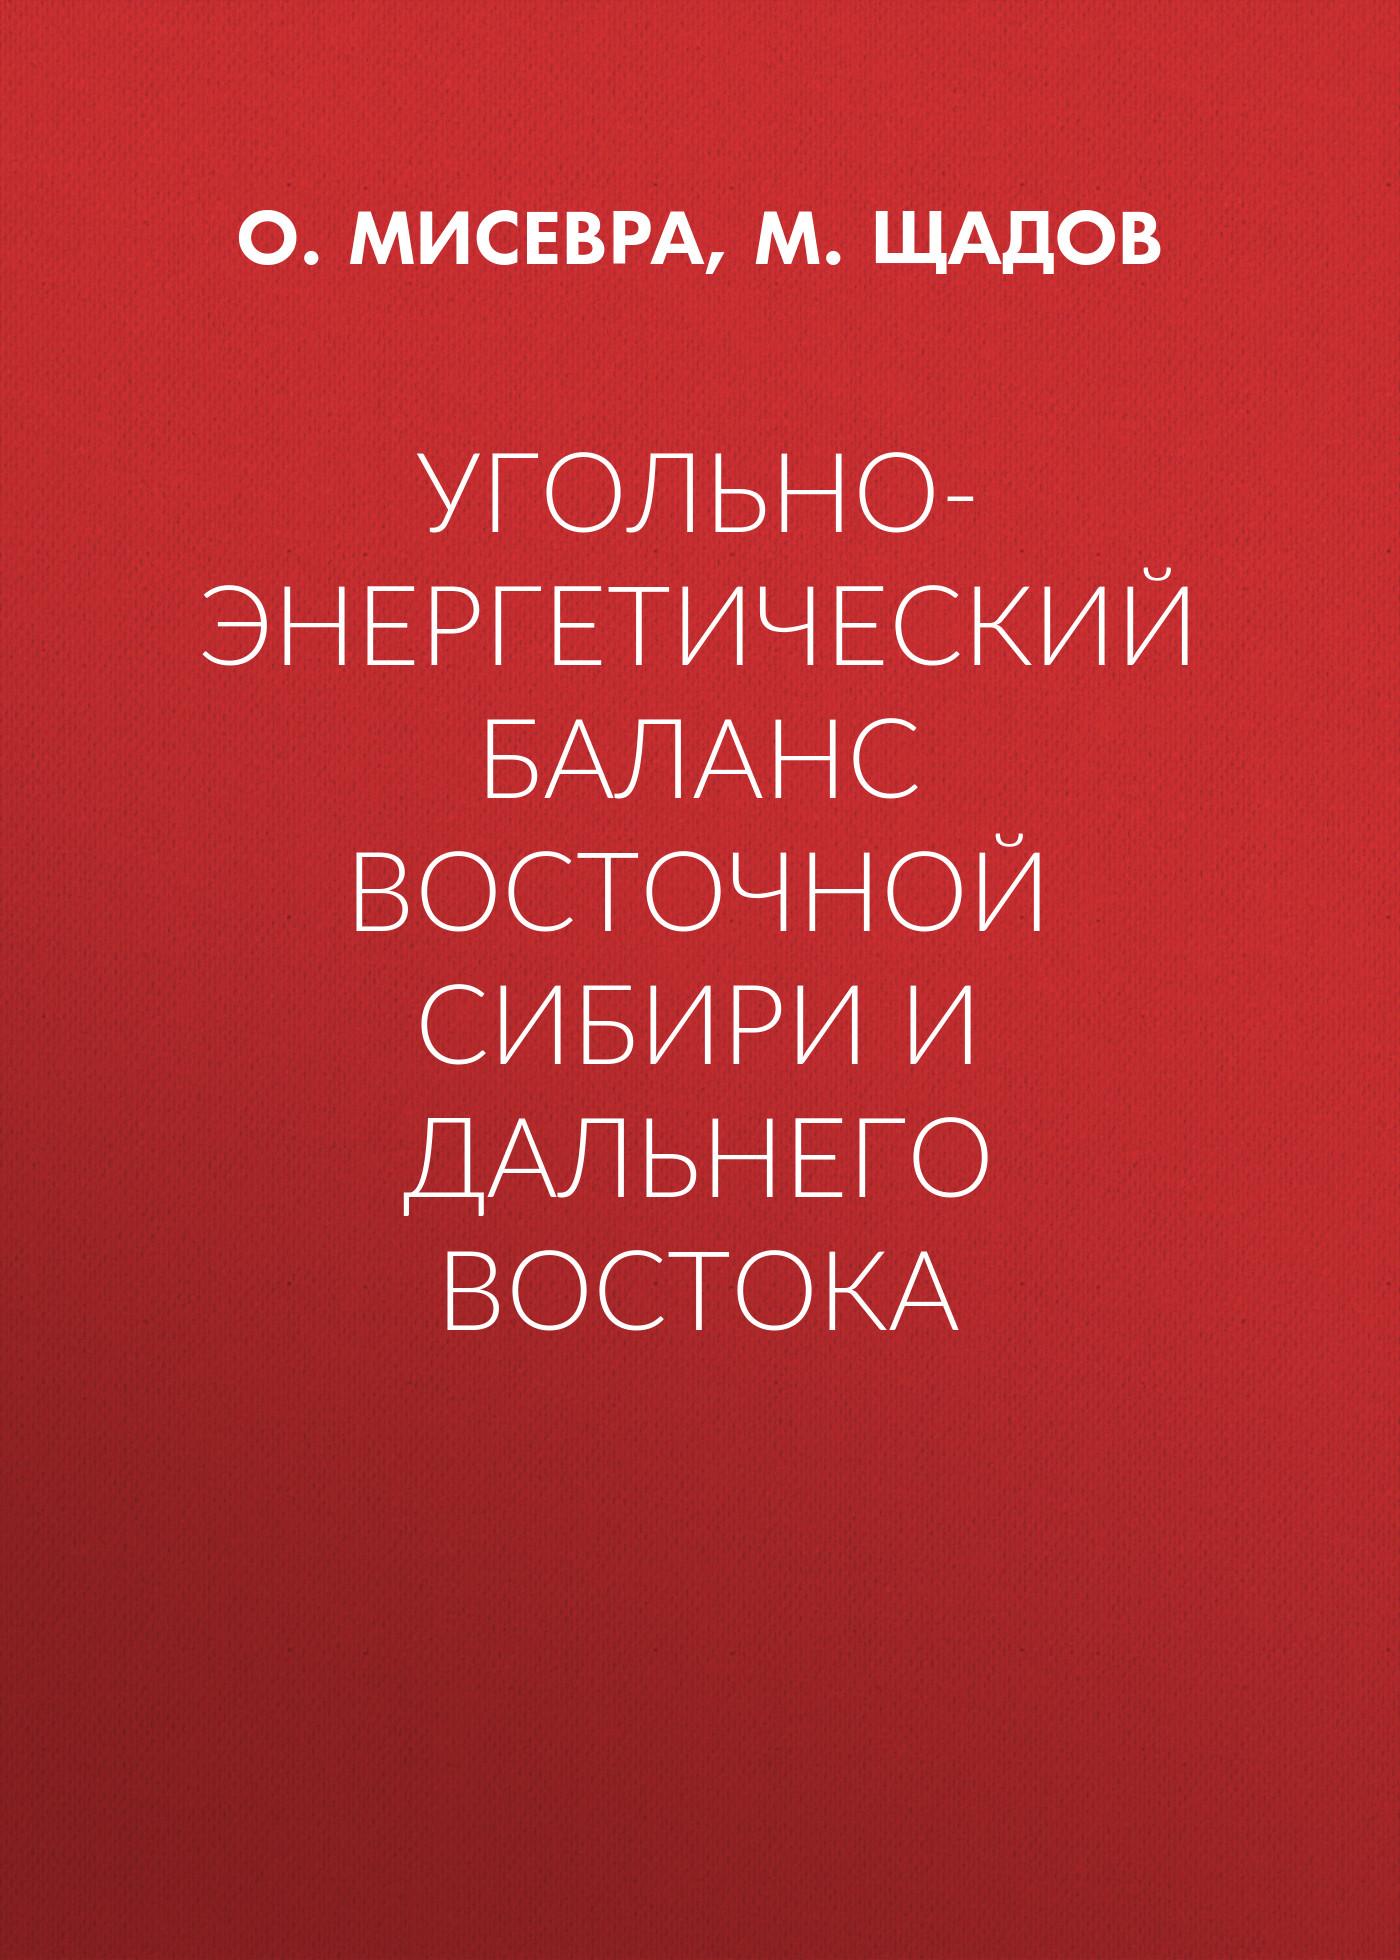 М. Щадов Угольно-энергетический баланс Восточной Сибири и Дальнего Востока м вирула конкуренция и конкурентоспособность угледобывающих предприятий